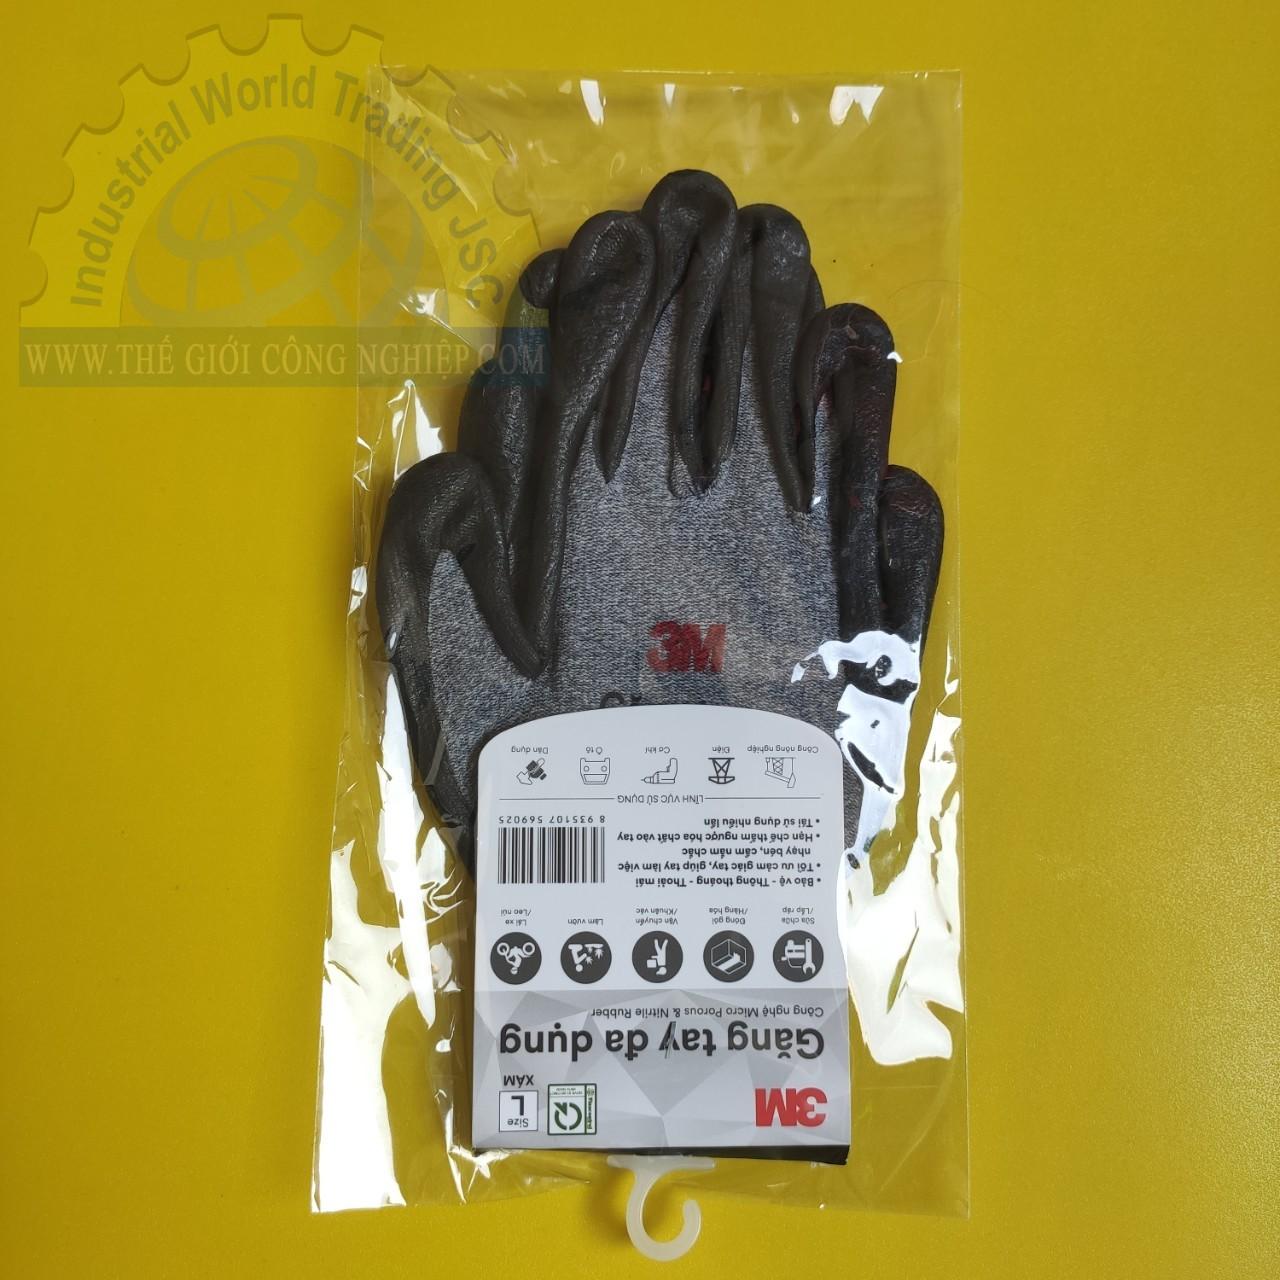 Găng tay đa dụng size L  TGCN-46475 3M